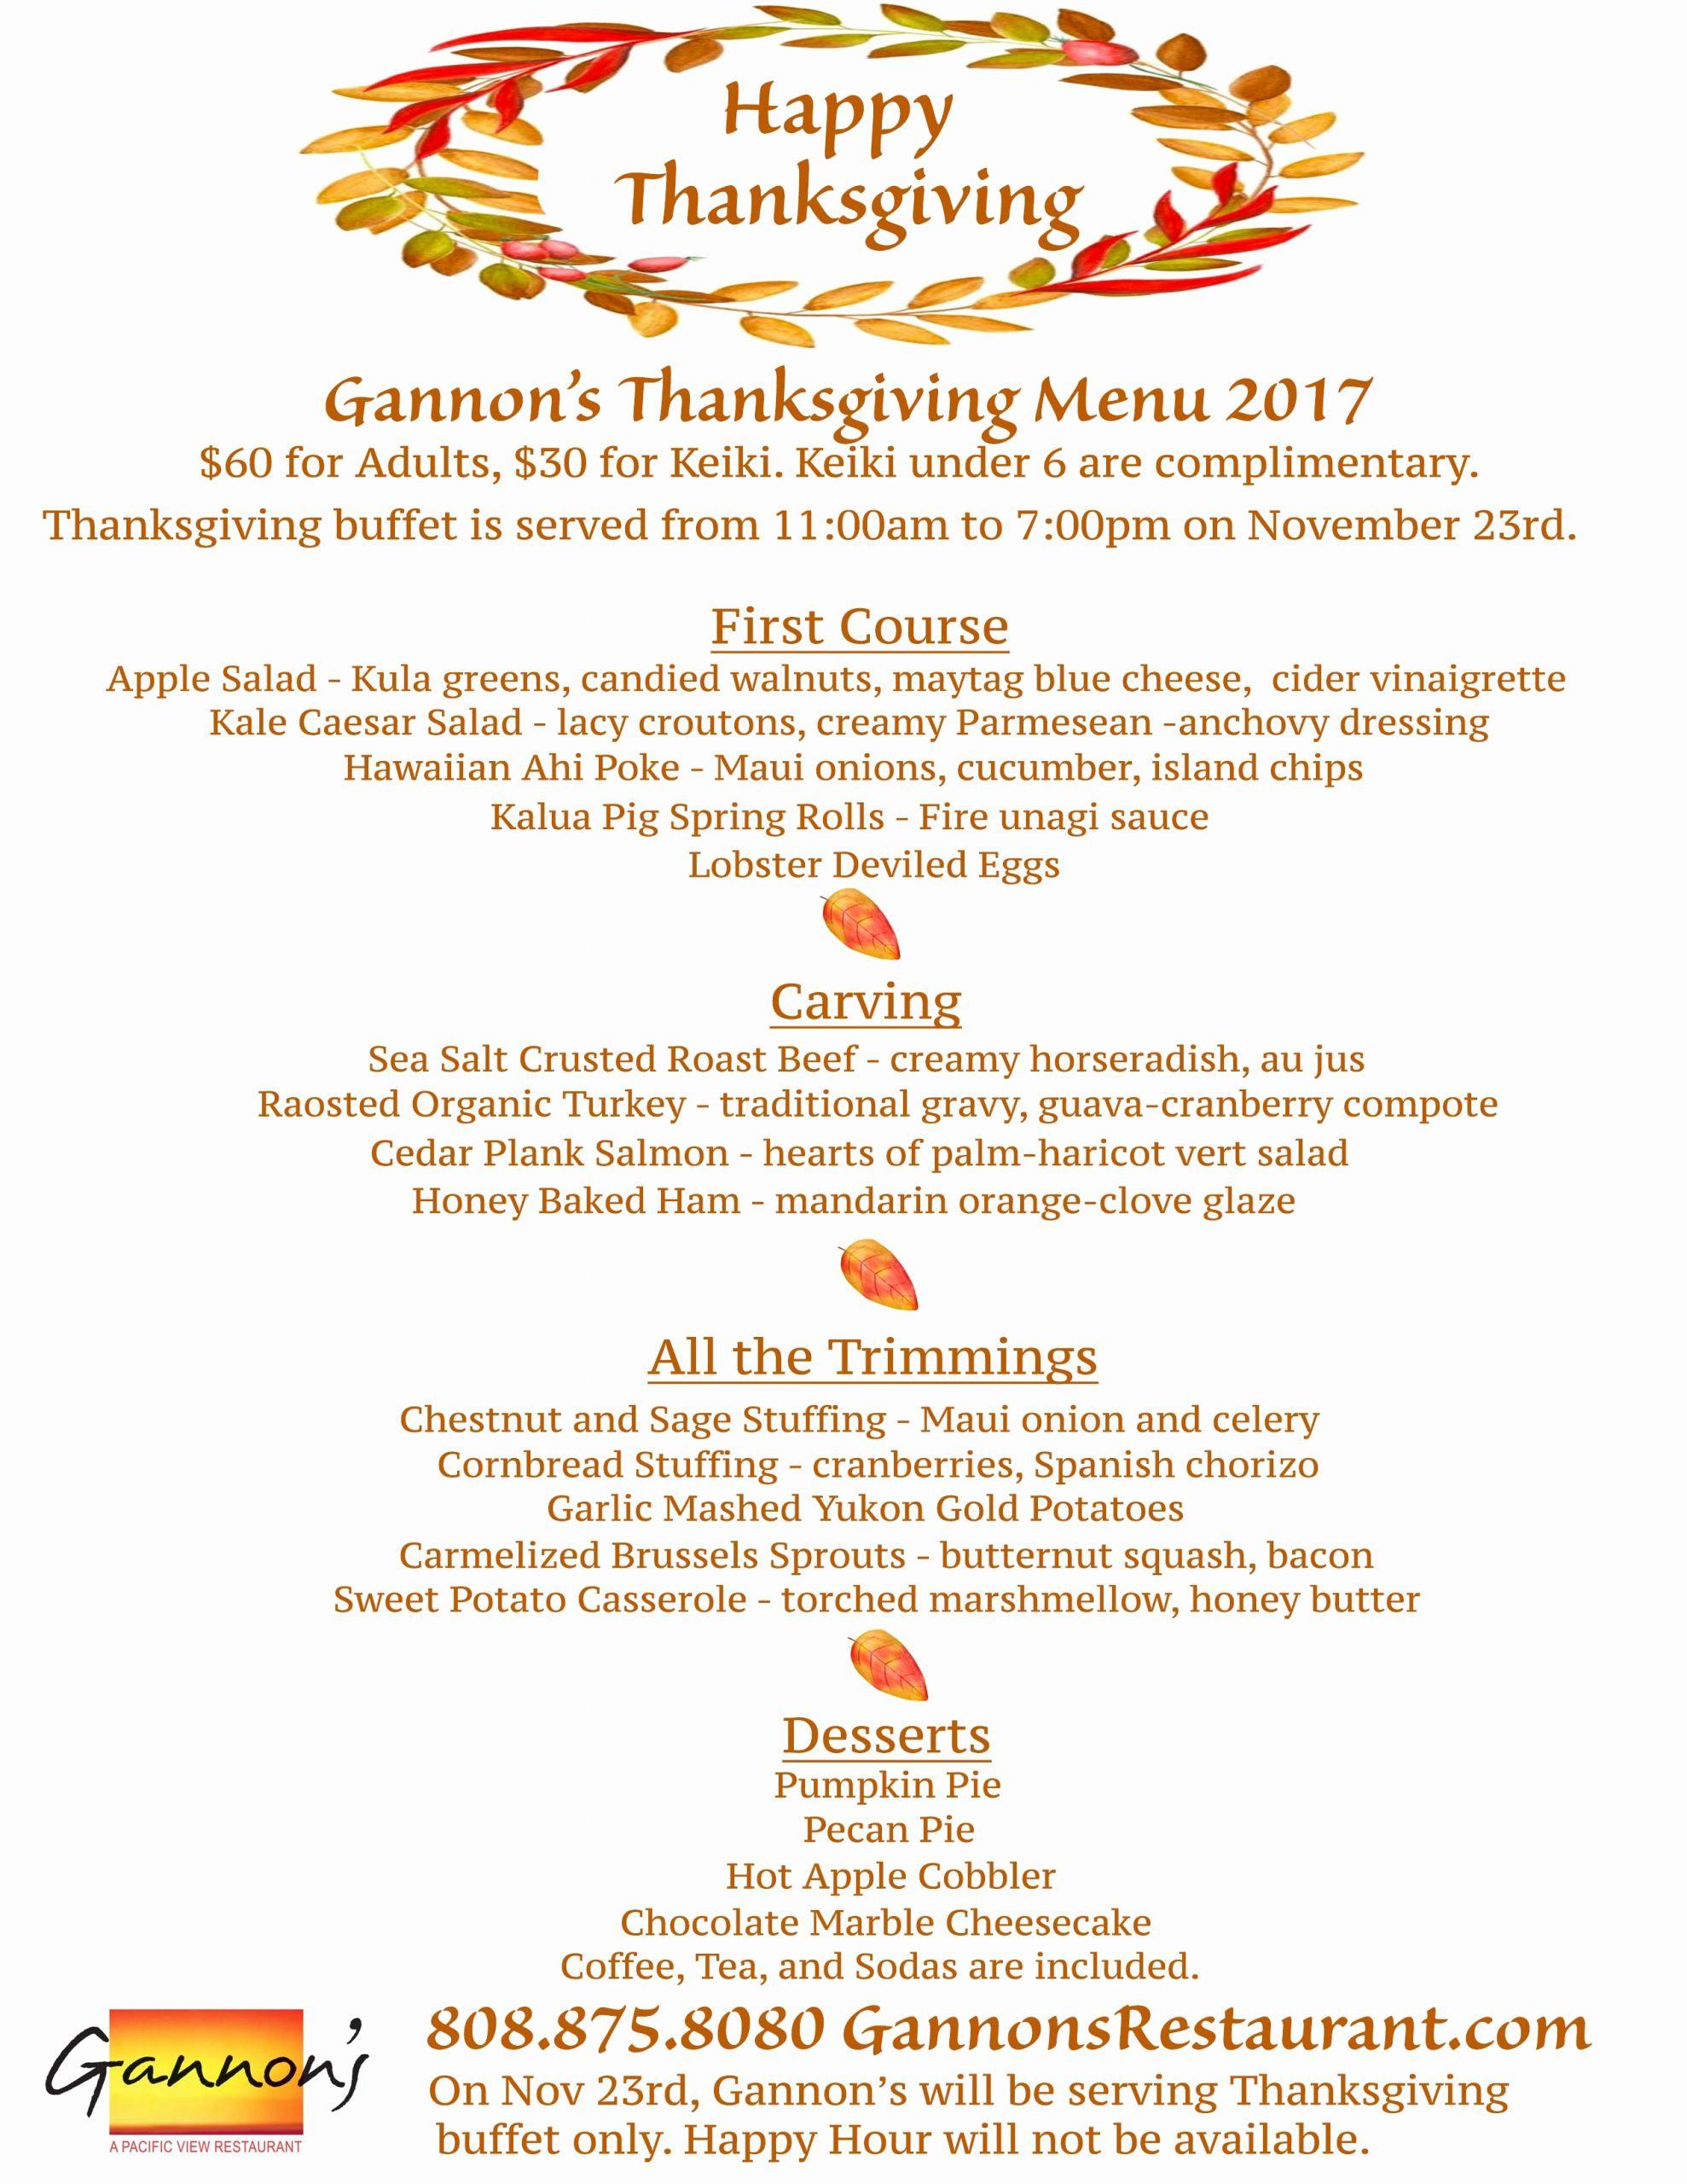 Thanksgiving Day Menu Template Best Of Gannon S Restaurant Announces Thanksgiving Day Buffet Menu